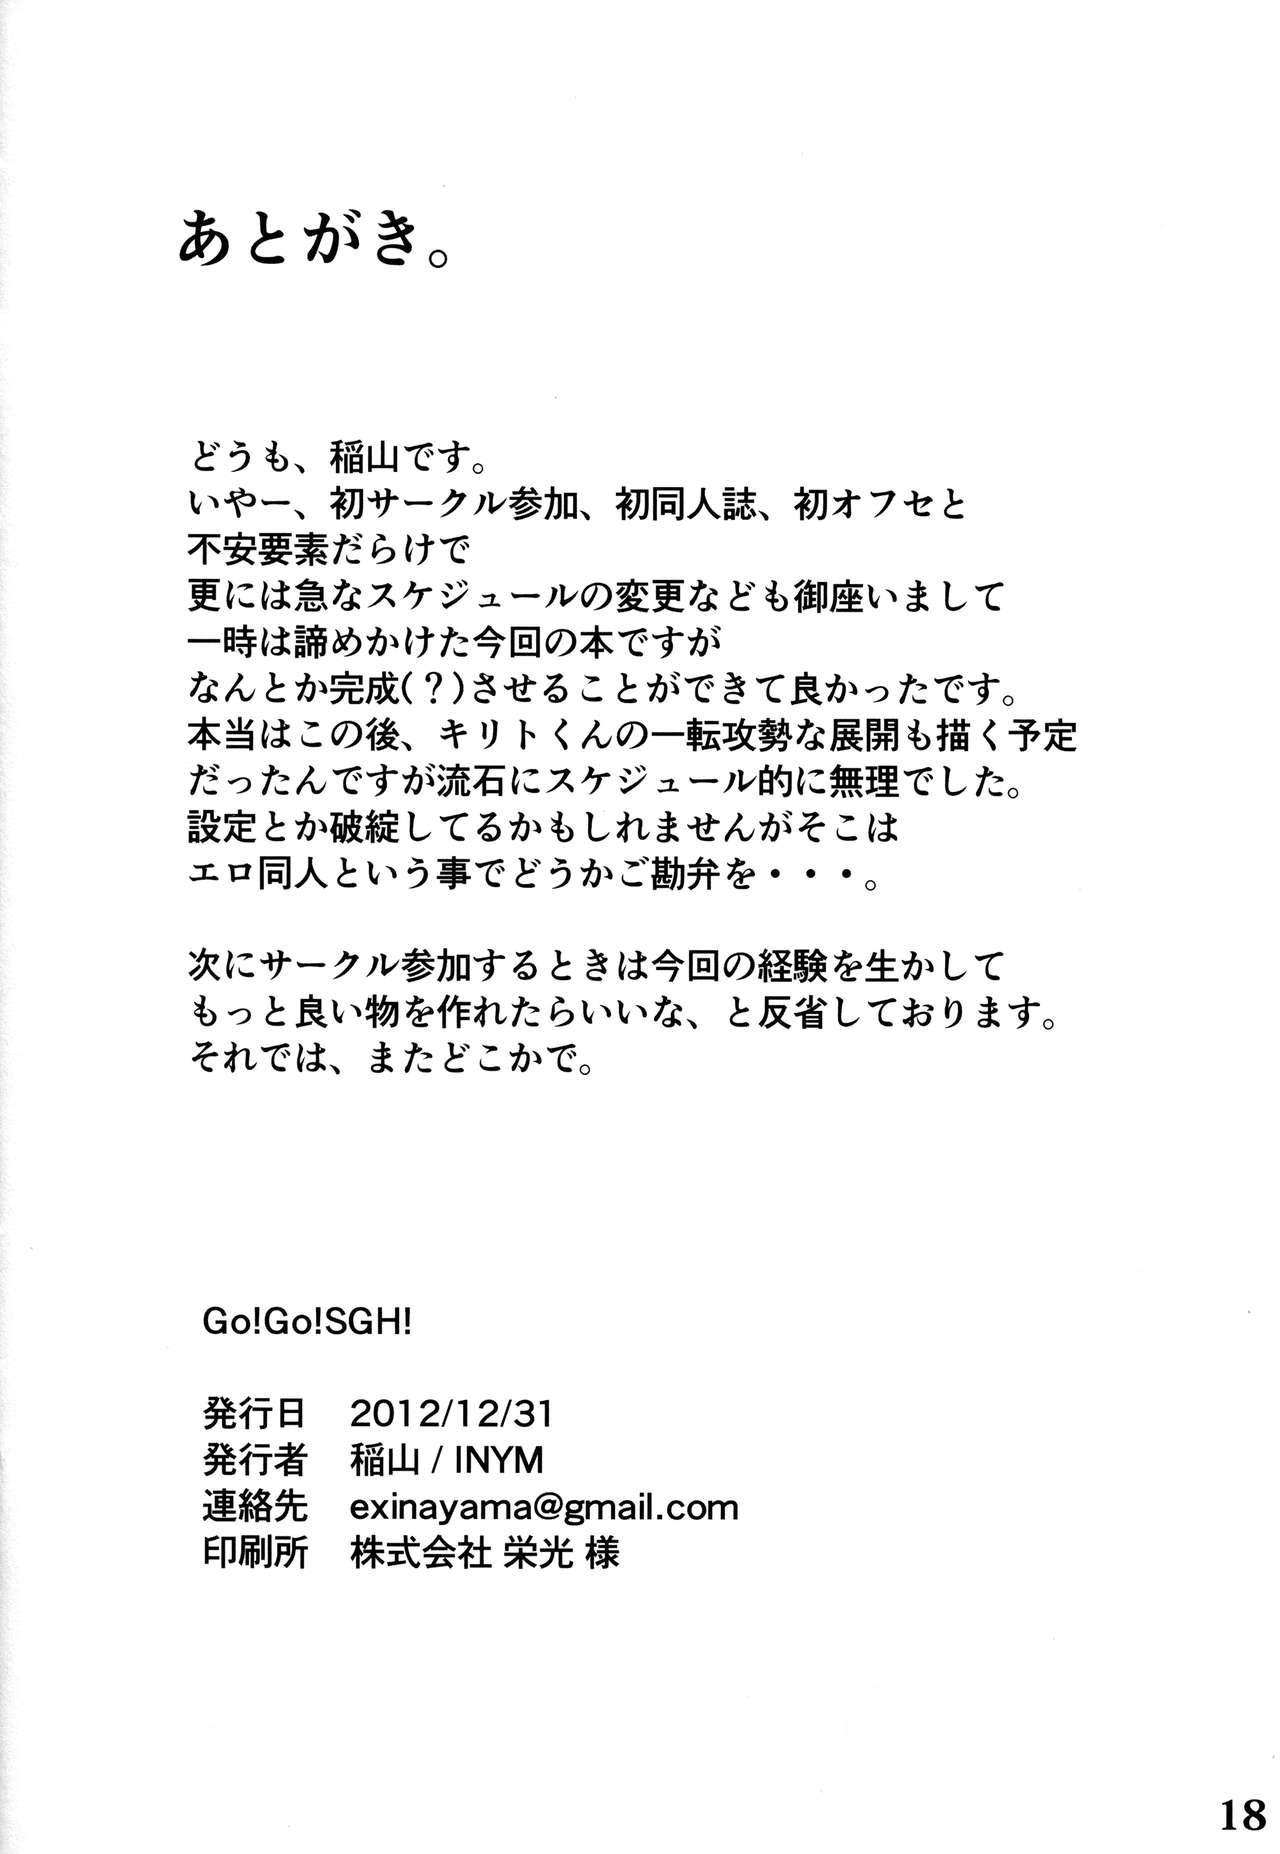 Go!Go!SGH! 16